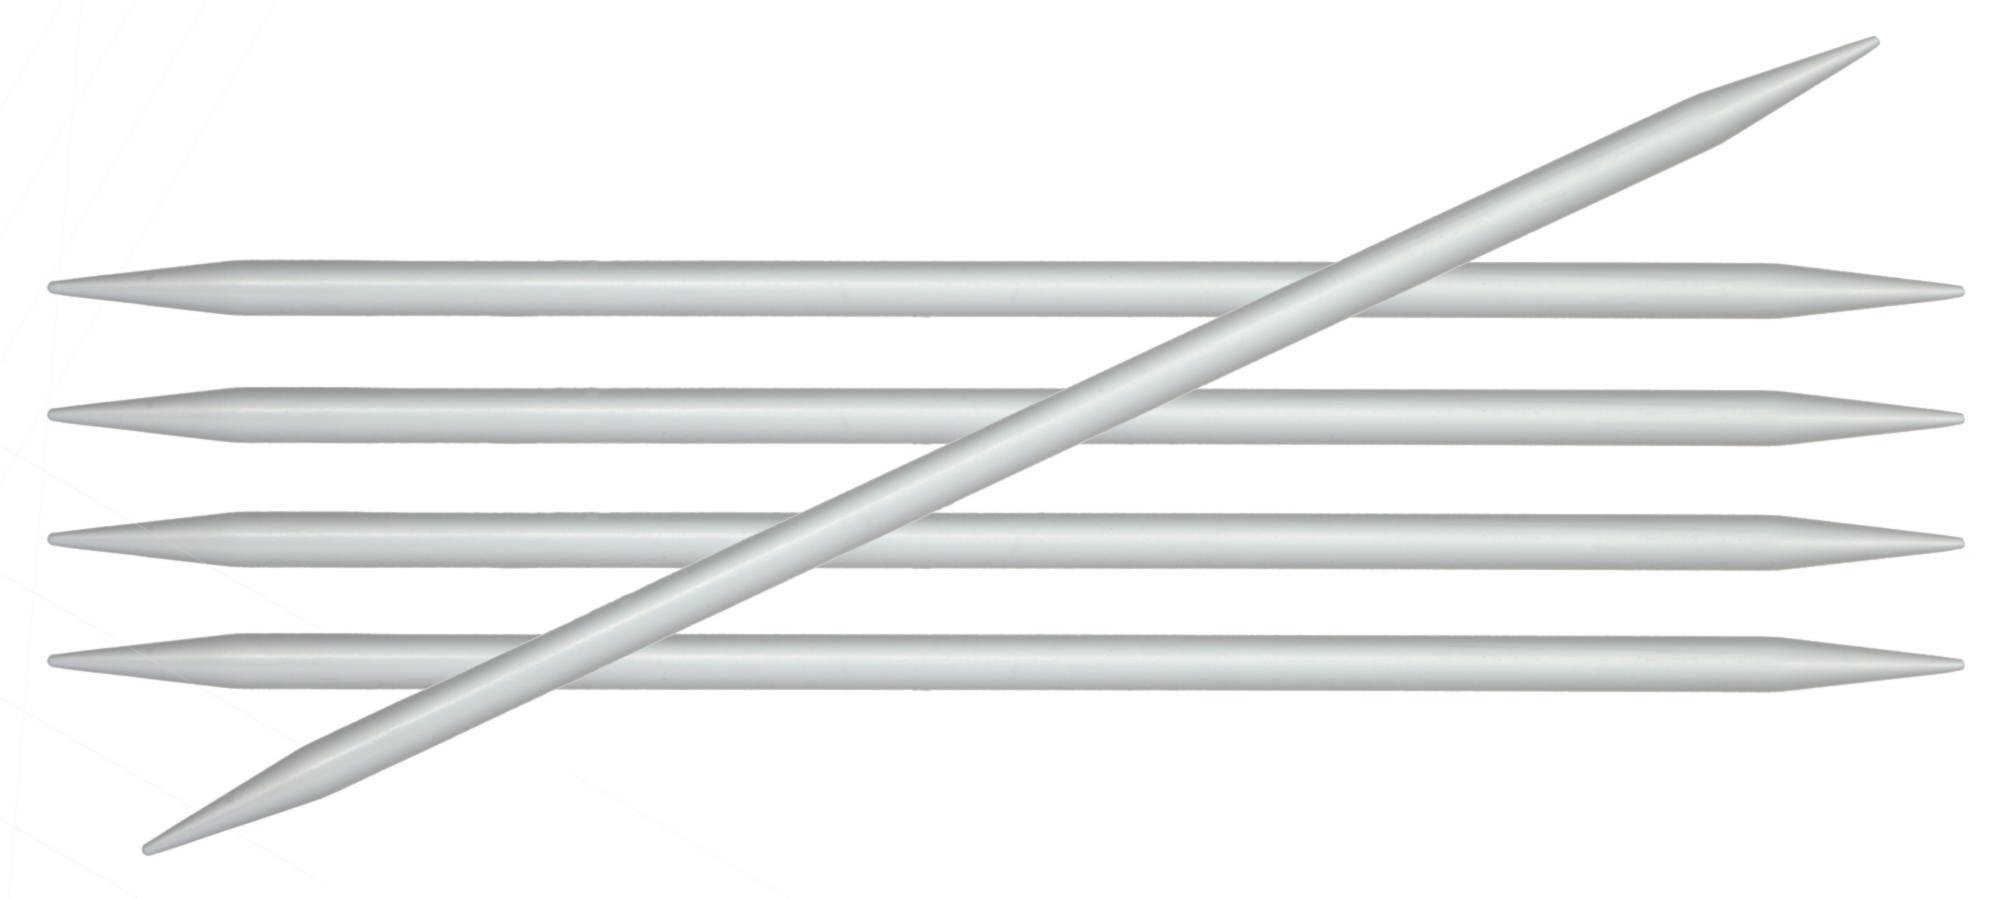 Спицы носочные 15 см Basix Aluminium KnitPro, 45104, 3.50 мм